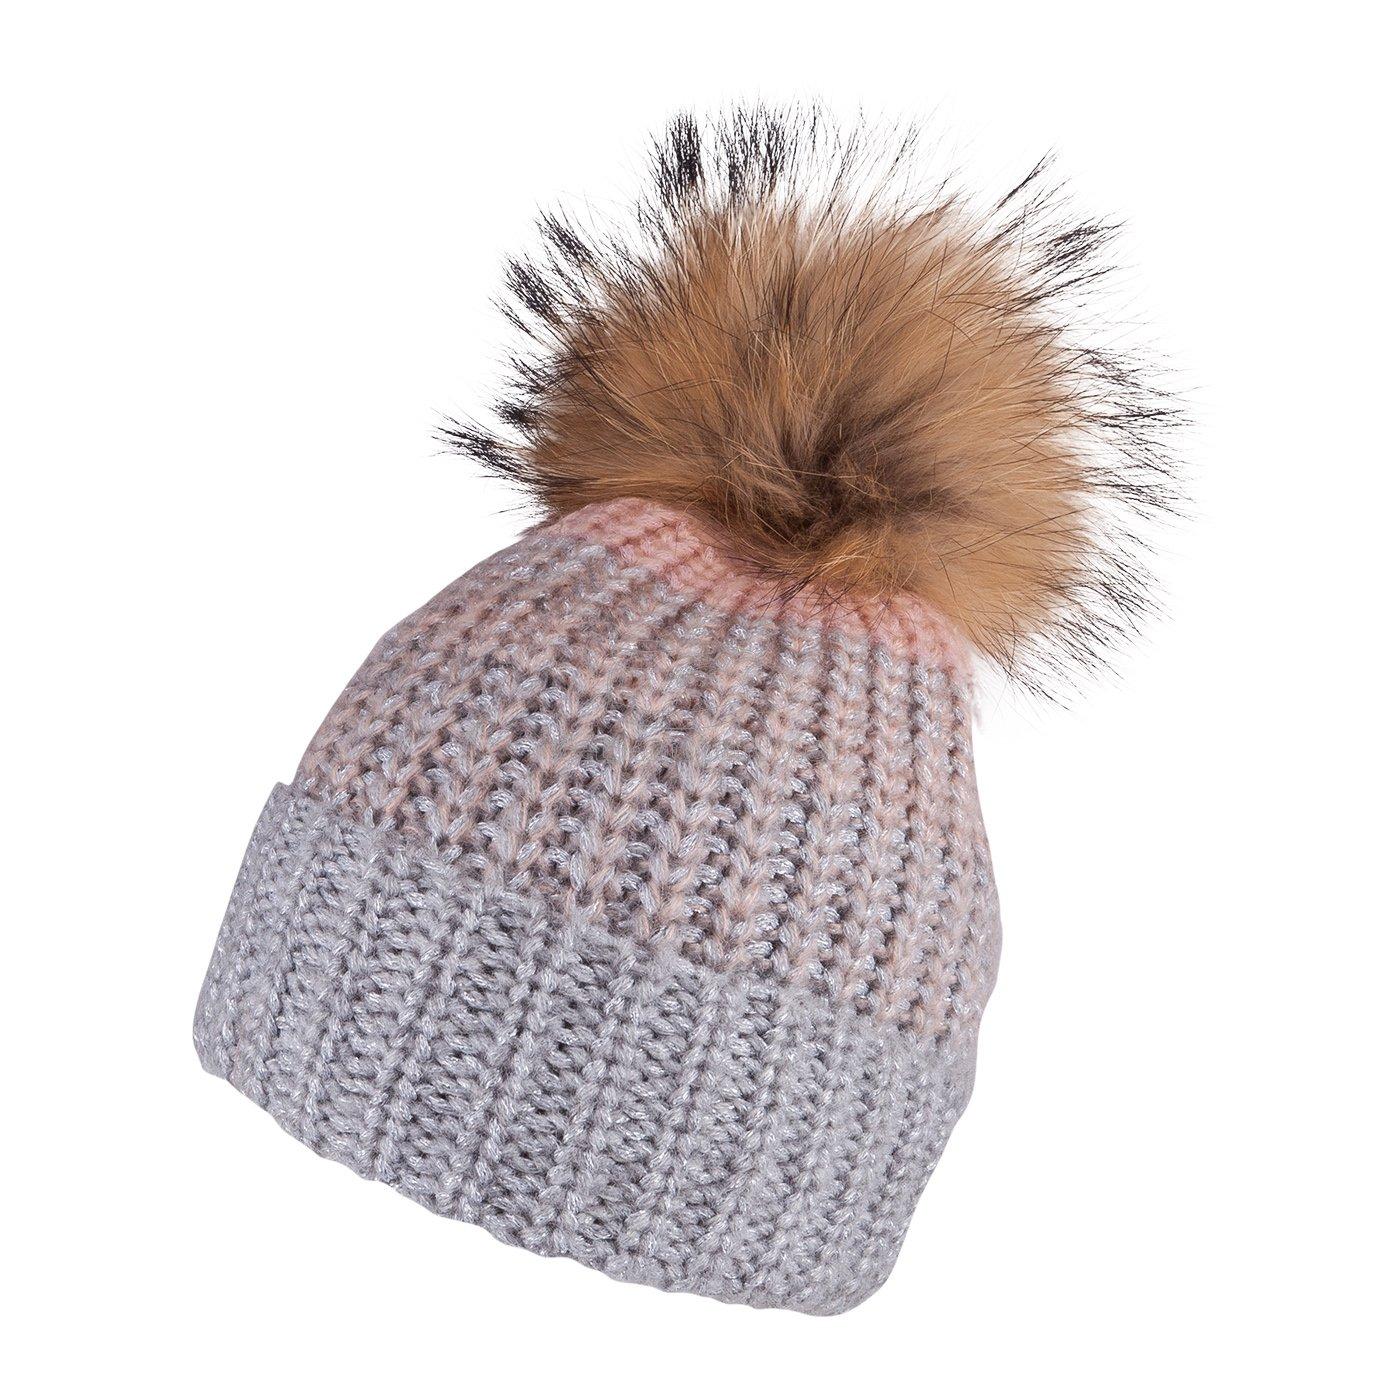 Detská zimná čapica TUTU 3-005207 grey